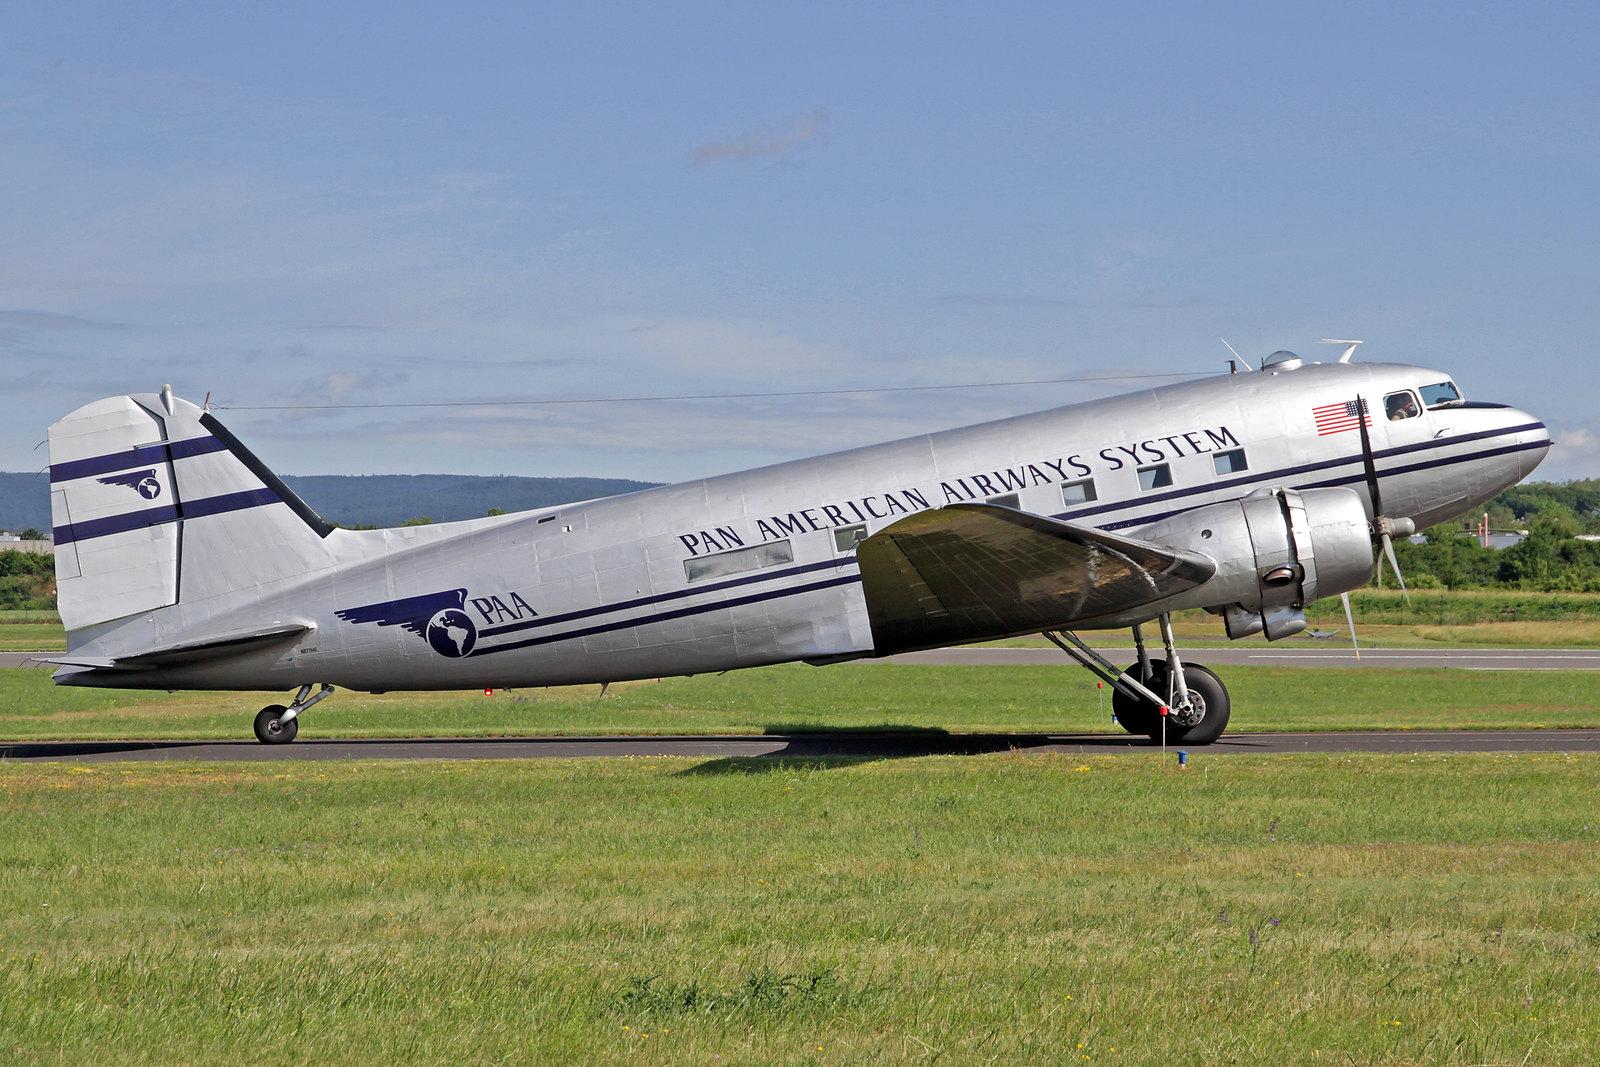 N877MG - Diese Douglas C-47B-1-DL (s/n 20806) wurde vor 75 Jahren (1944) in Long Beach für die U.S. Army gebaut. 1943 wurde sie mit der Kennung 43-16340 ausgeliefert. 2006 wurde sie von der Historic Flight Foundation in Seattle übernommen.